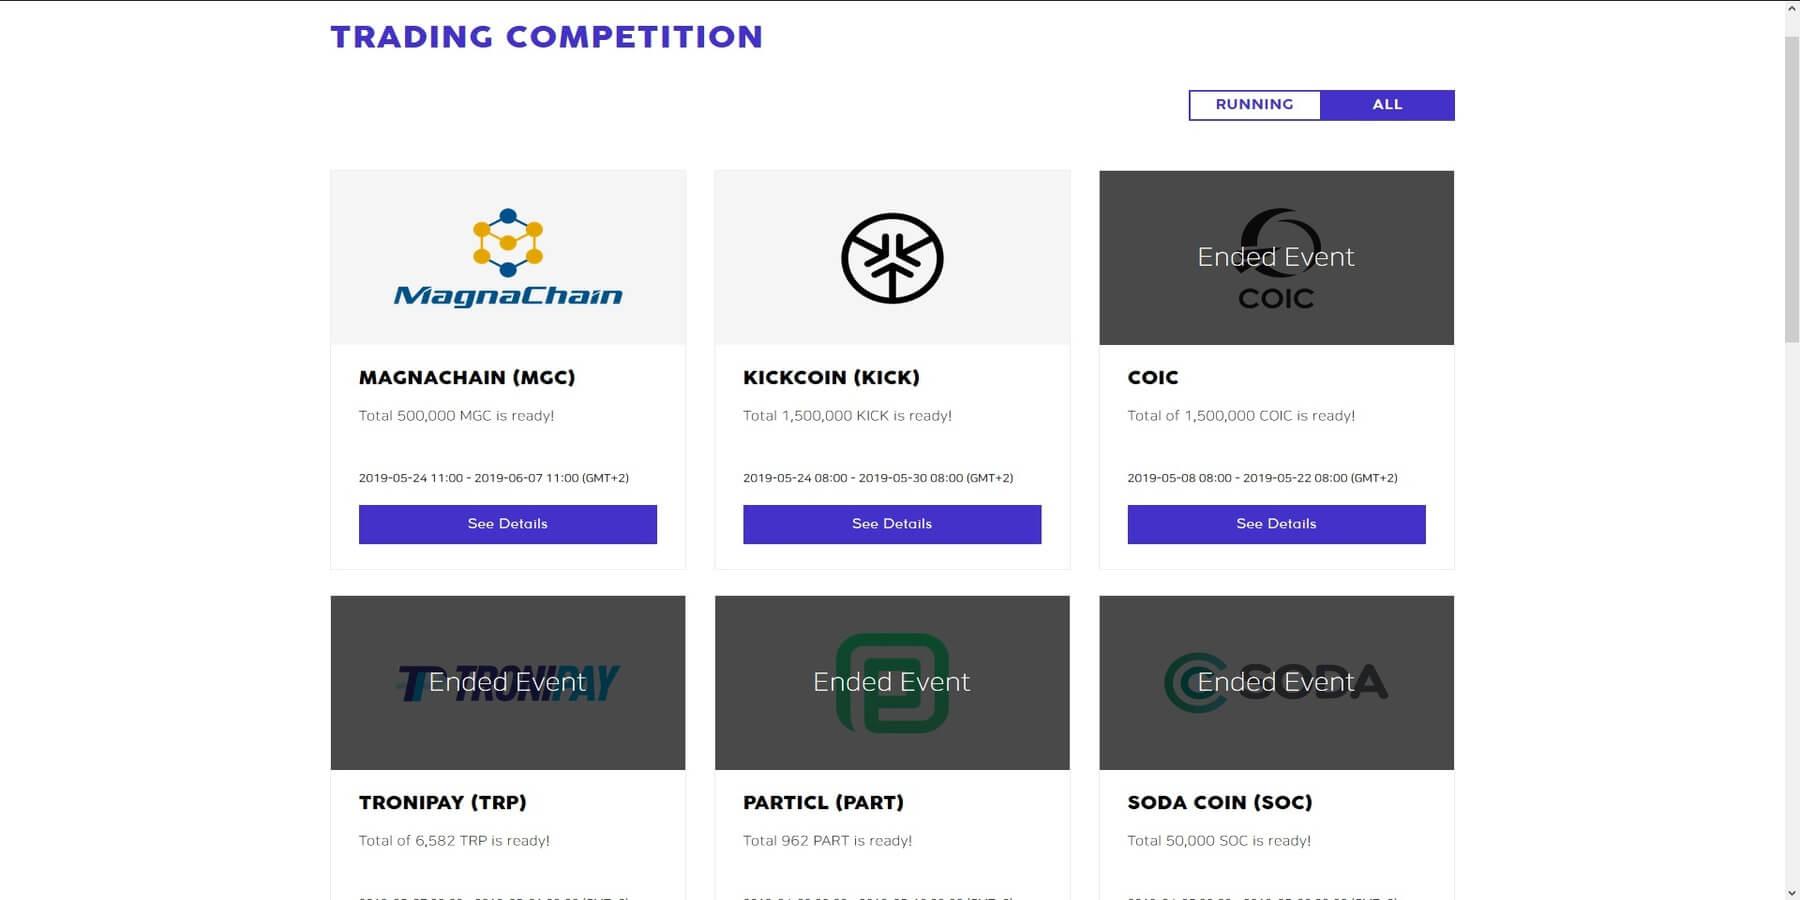 Compétitions de trading Probit